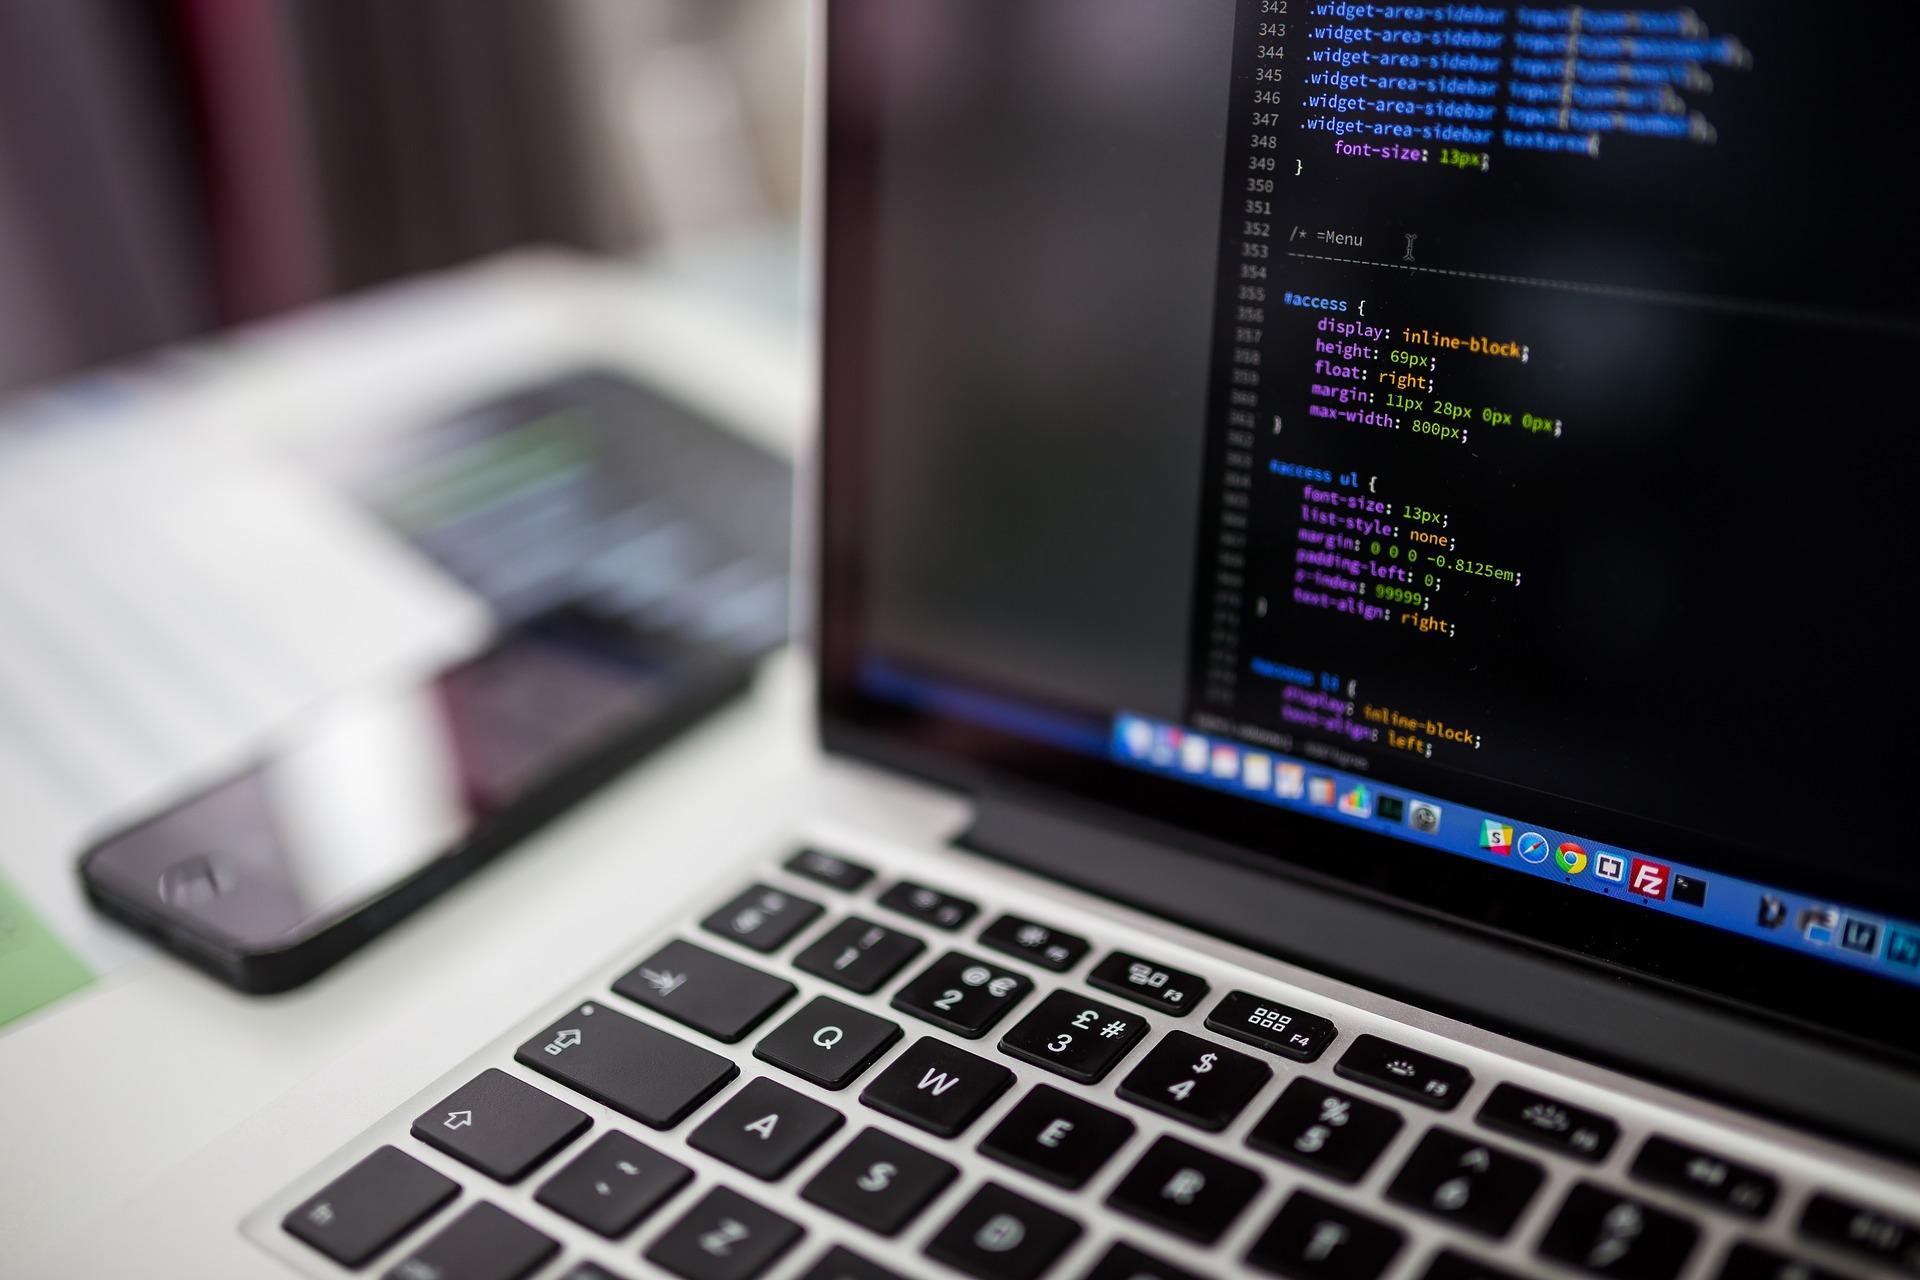 Tworzenie projektu baz danych w Visual Studio 2019 Community Edition